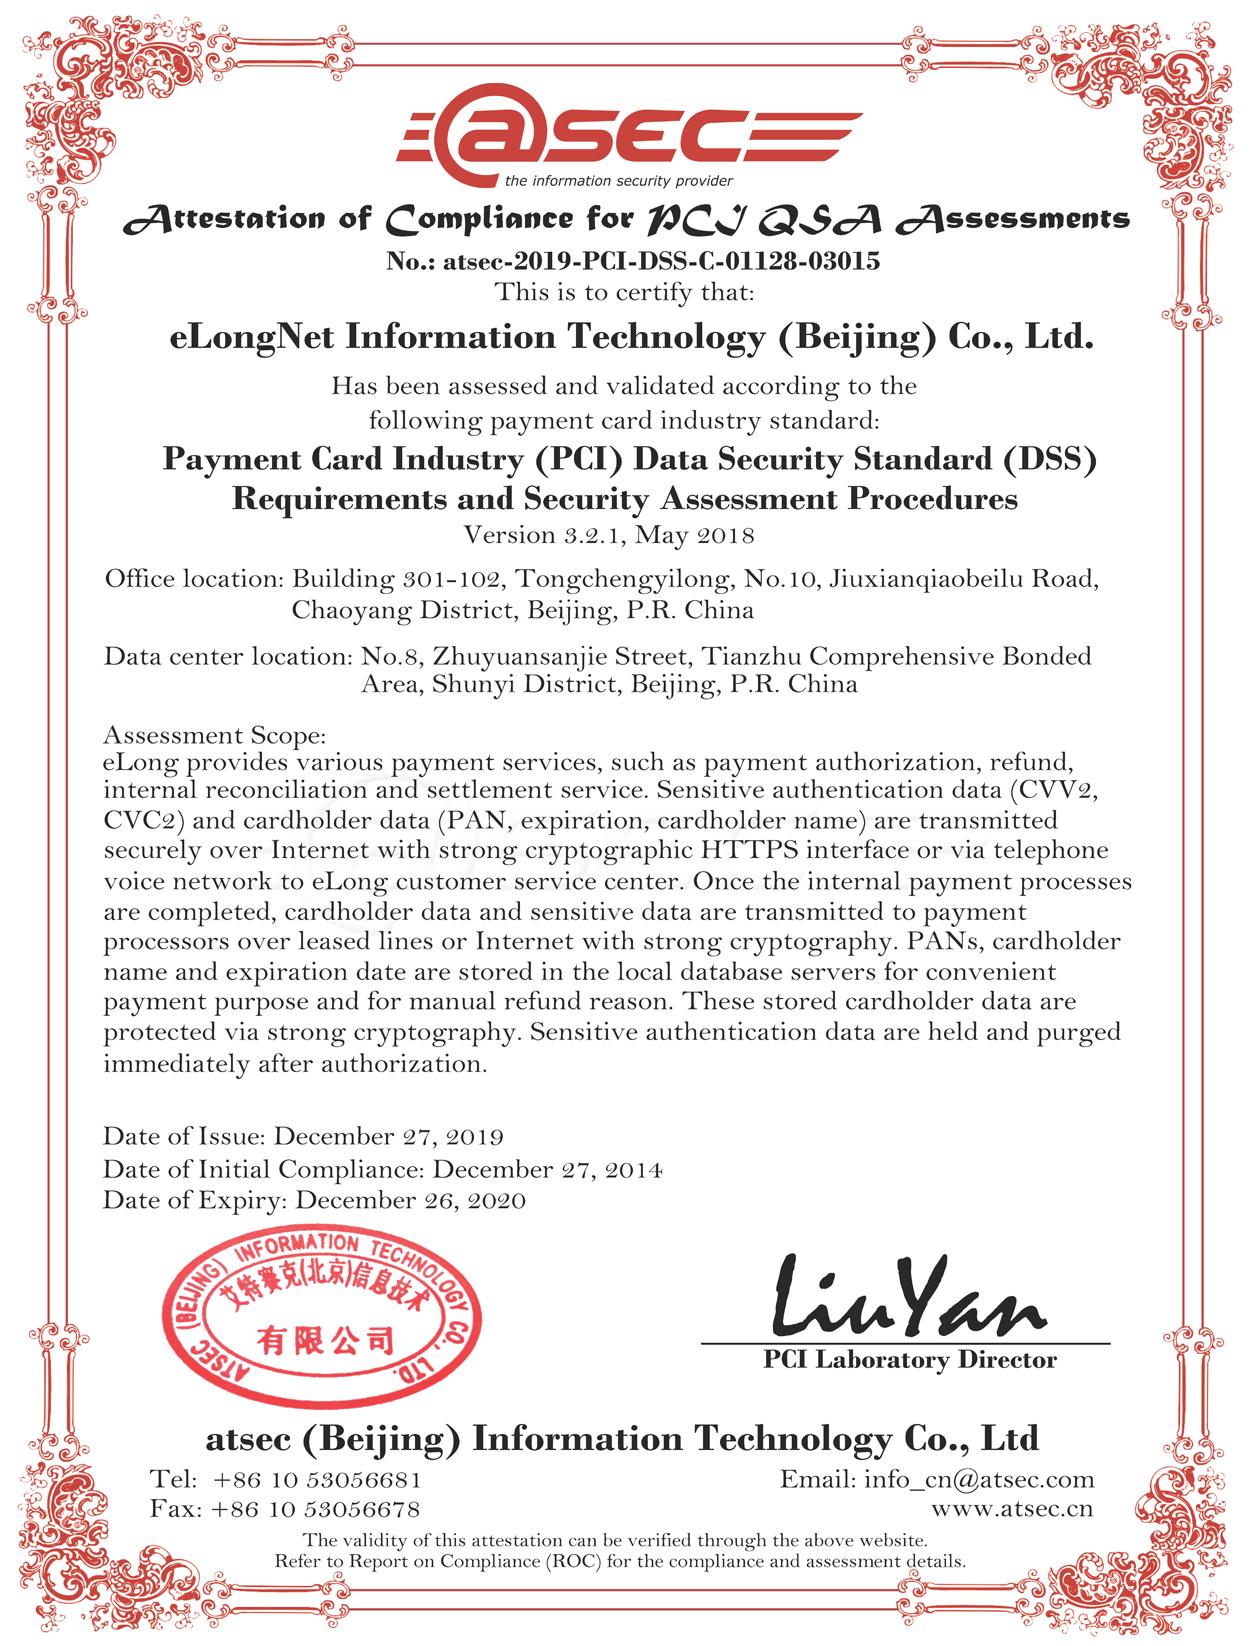 艺龙网通过PCI认证